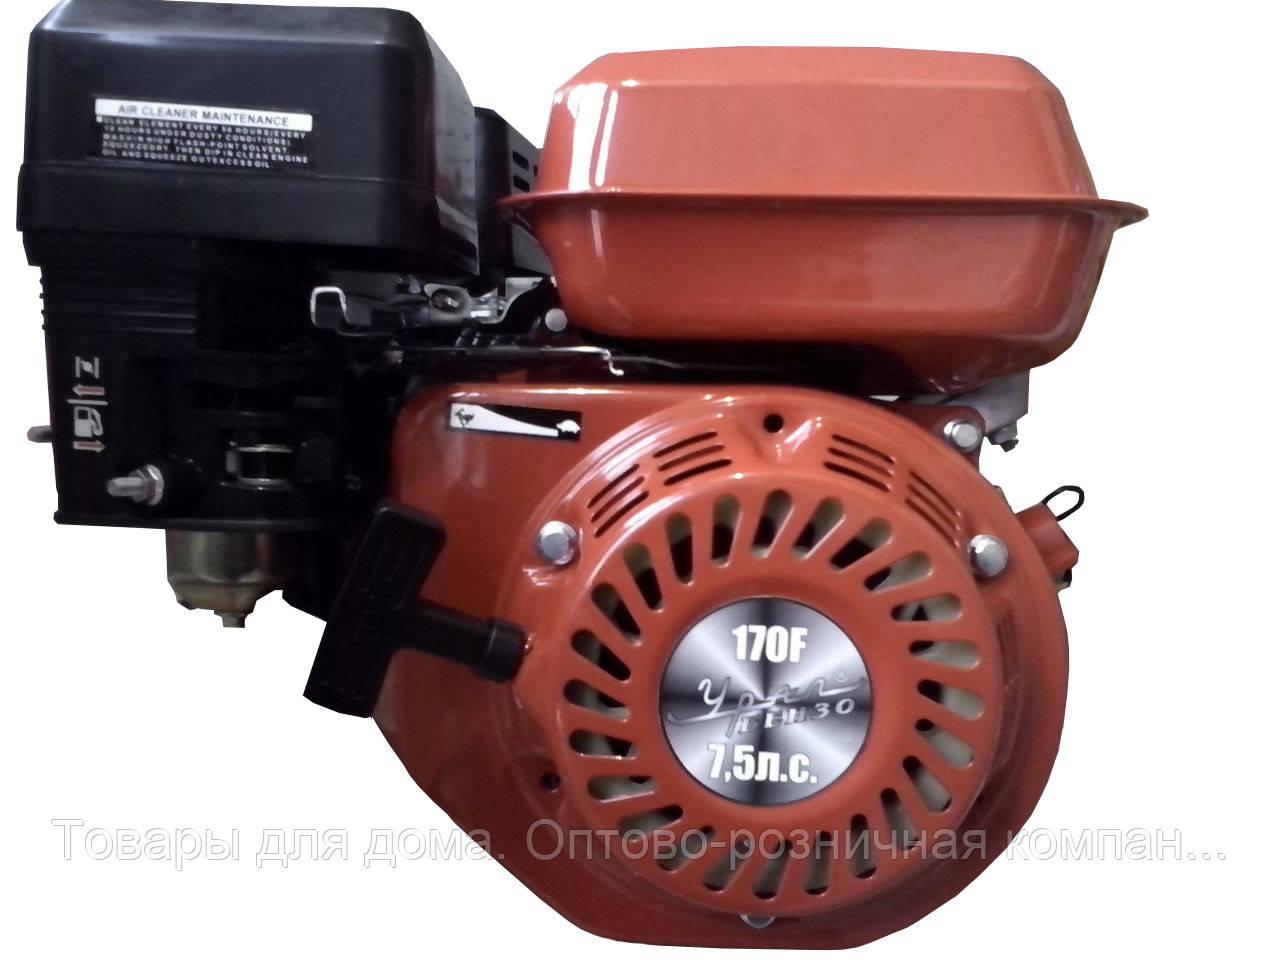 Двигатель бензиновый на мотоблок и сельхоз технику УралБензо 7,5 л.с от профдом